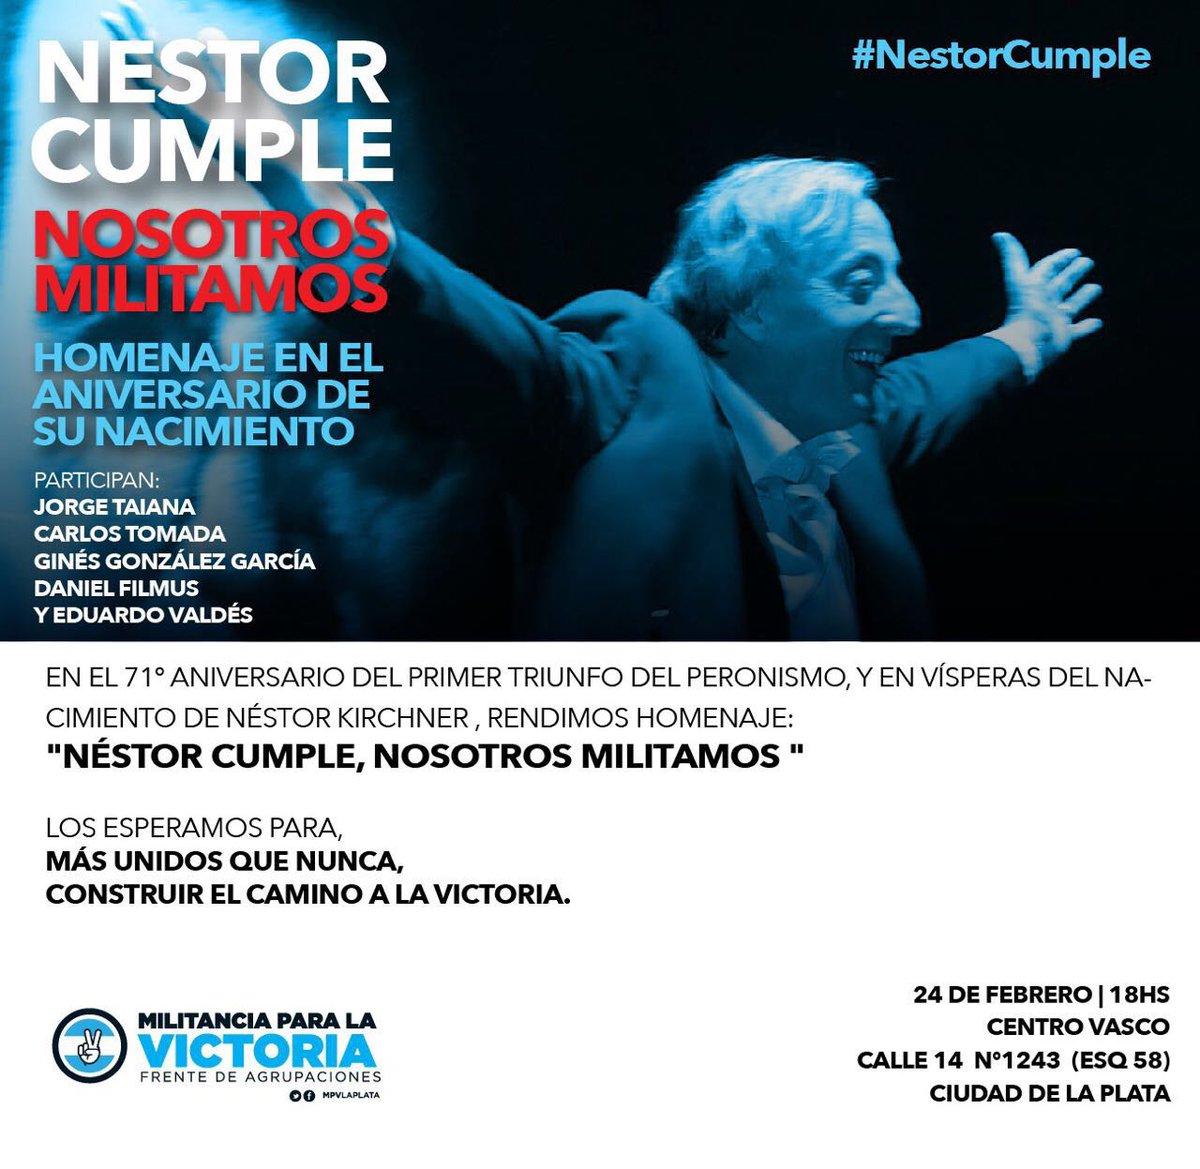 ¡HOY! Están todos y todas invitadxs al homenaje #NéstorCumple, Nosotro...